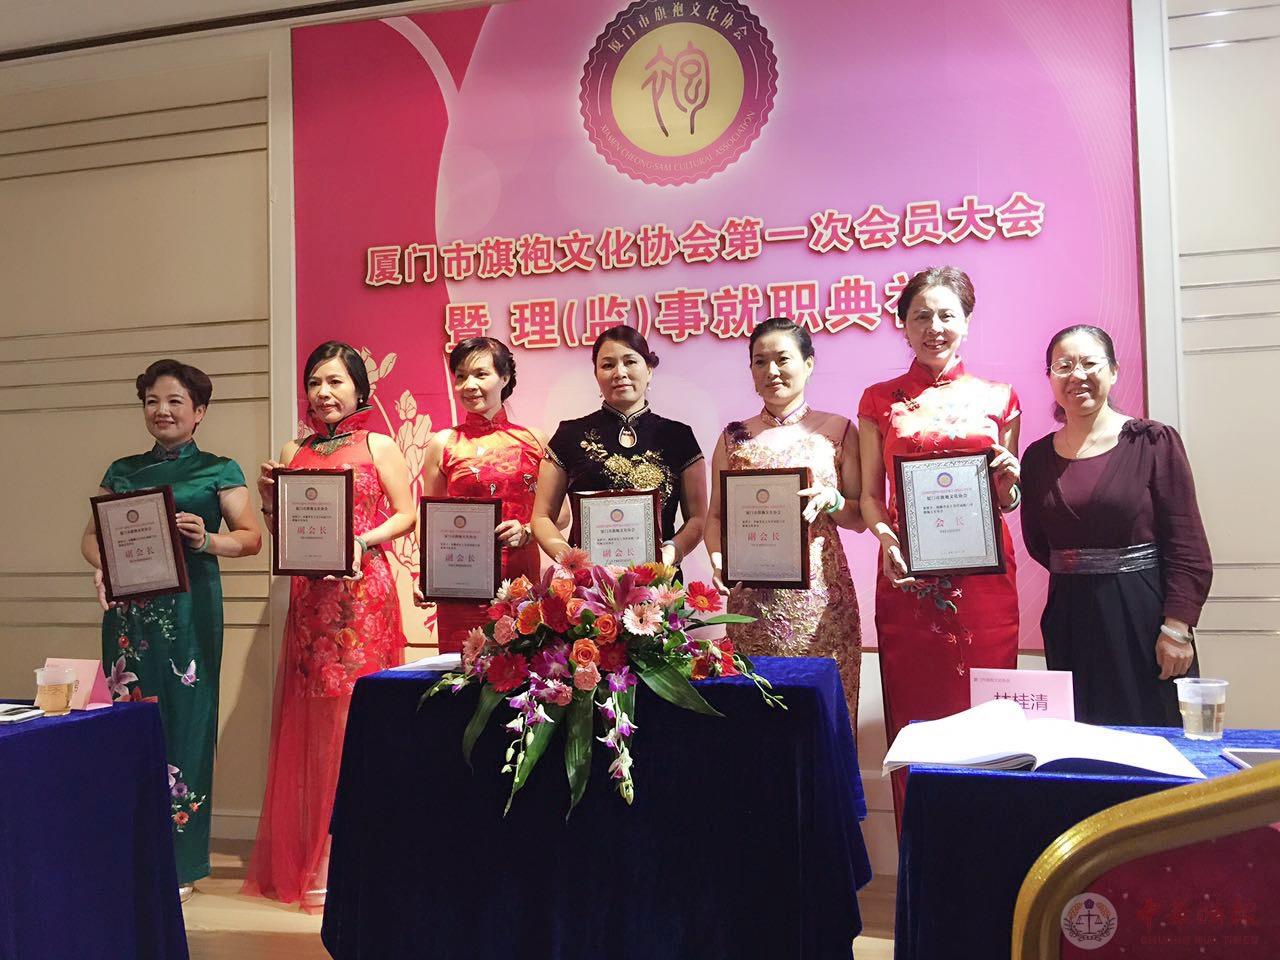 厦门市旗袍文化协会成立